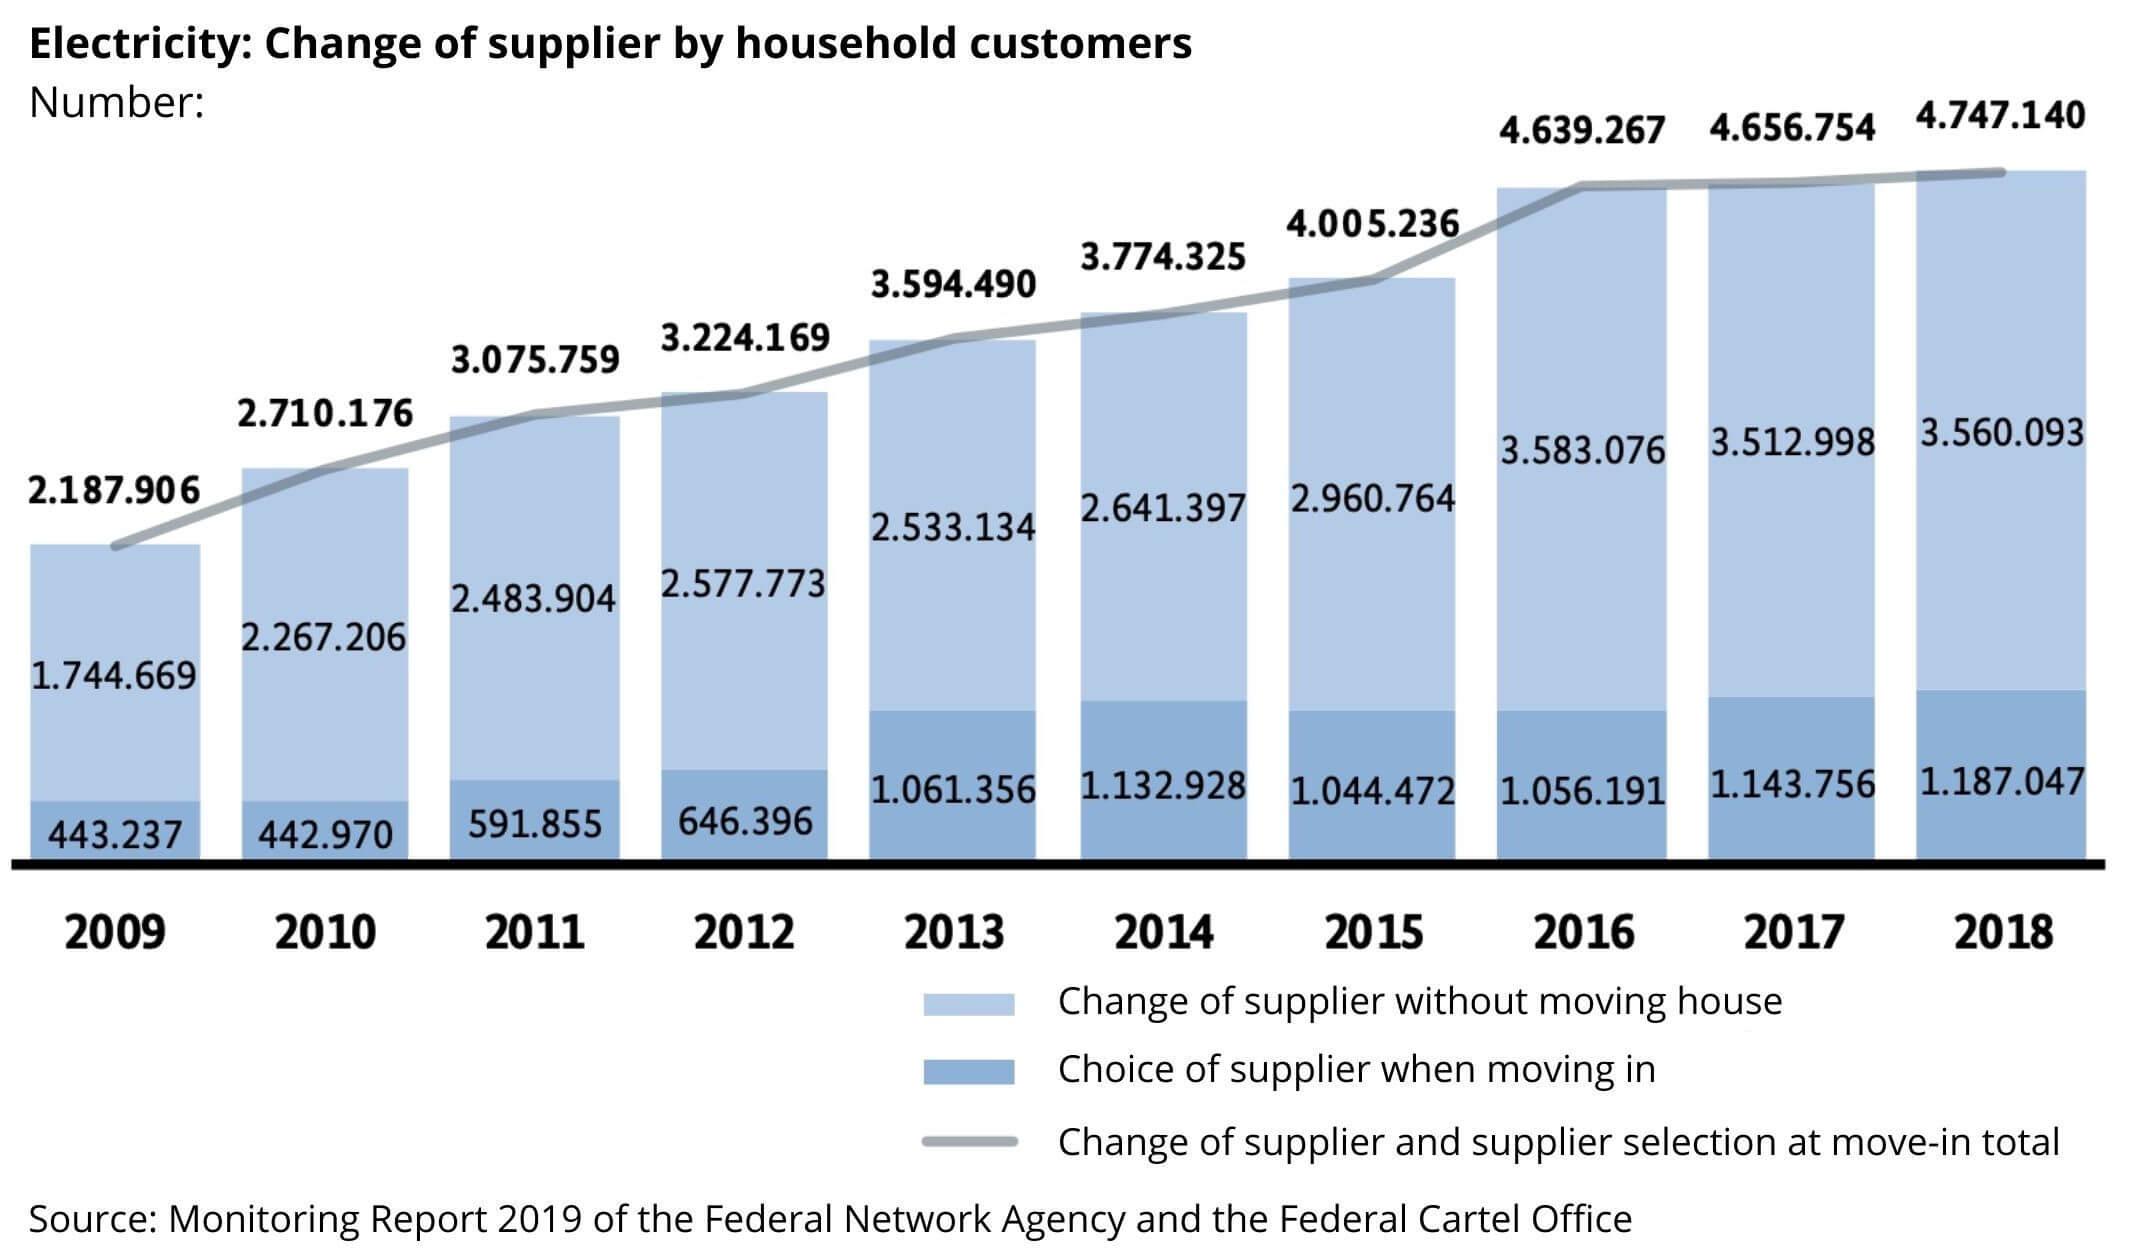 Die Zahl der Lieferantenwechsel steigt kontinuierlich.